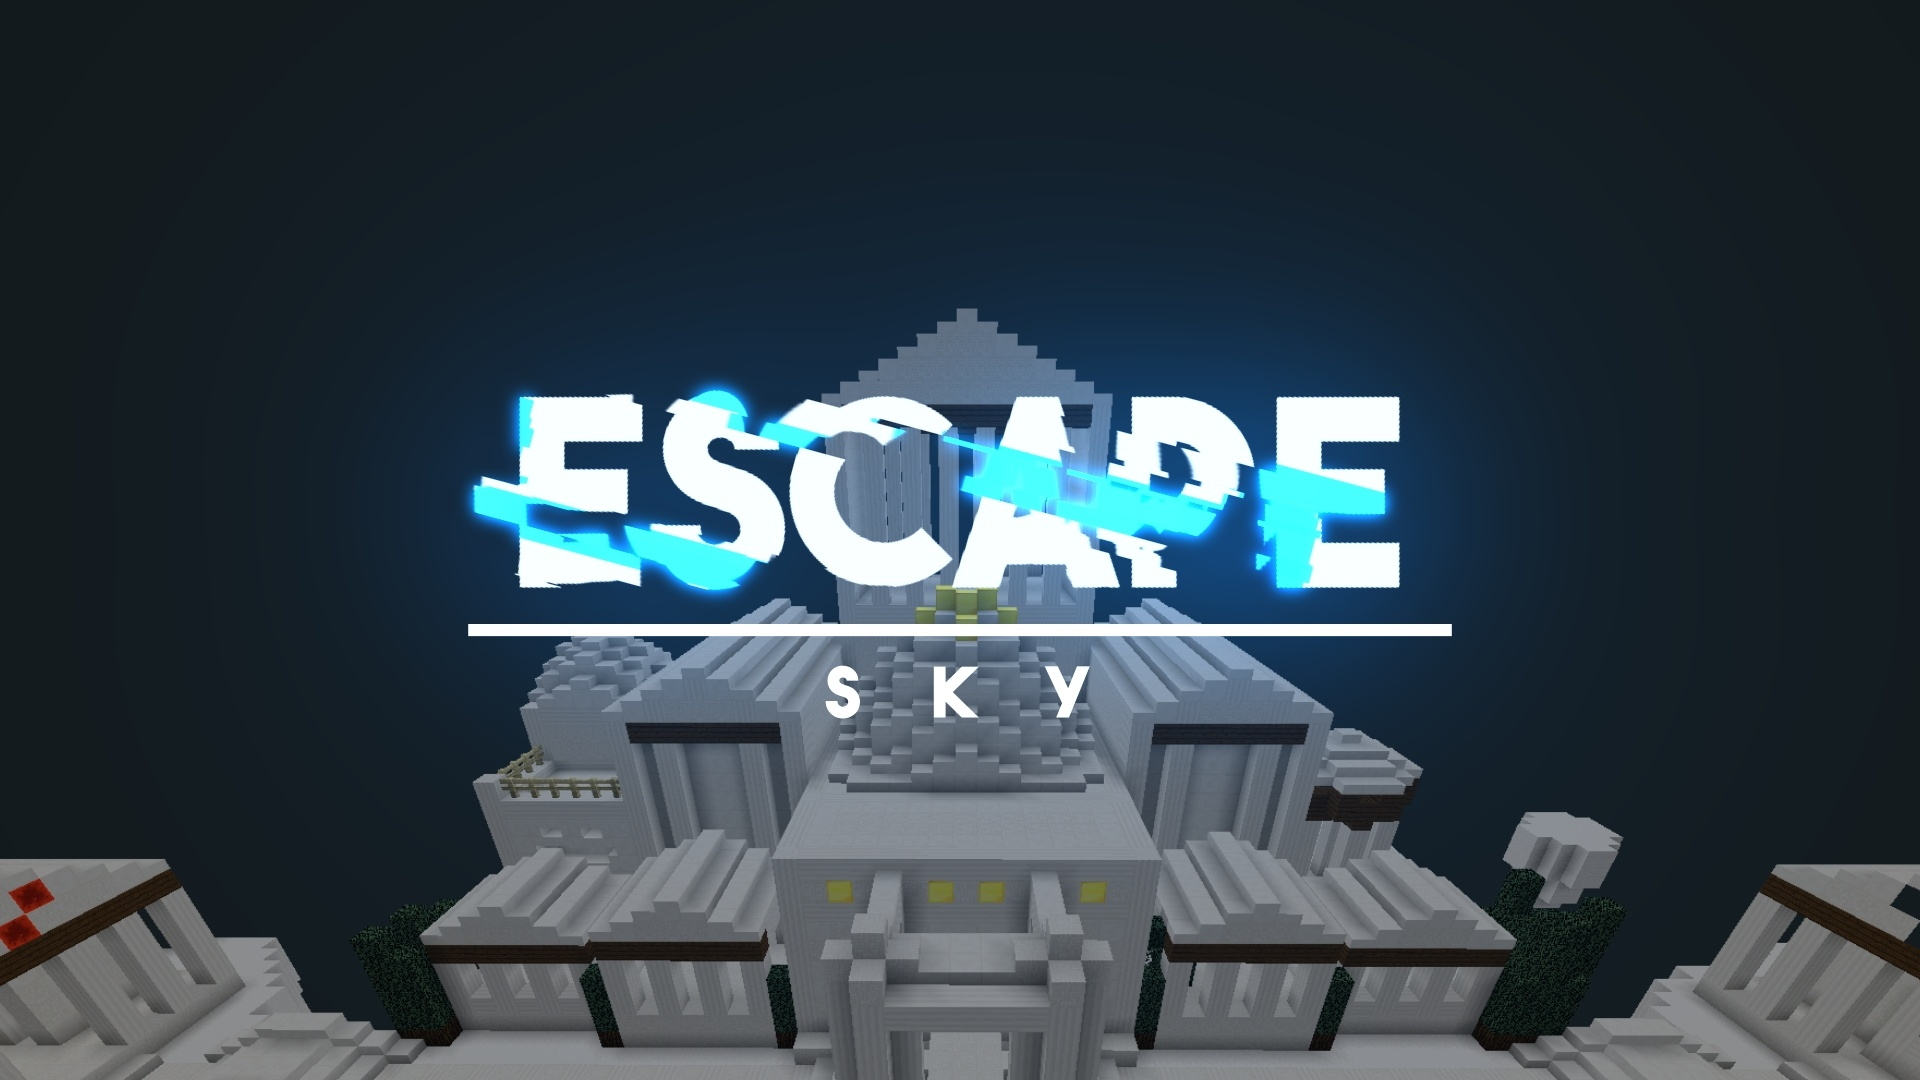 Escape: Sky